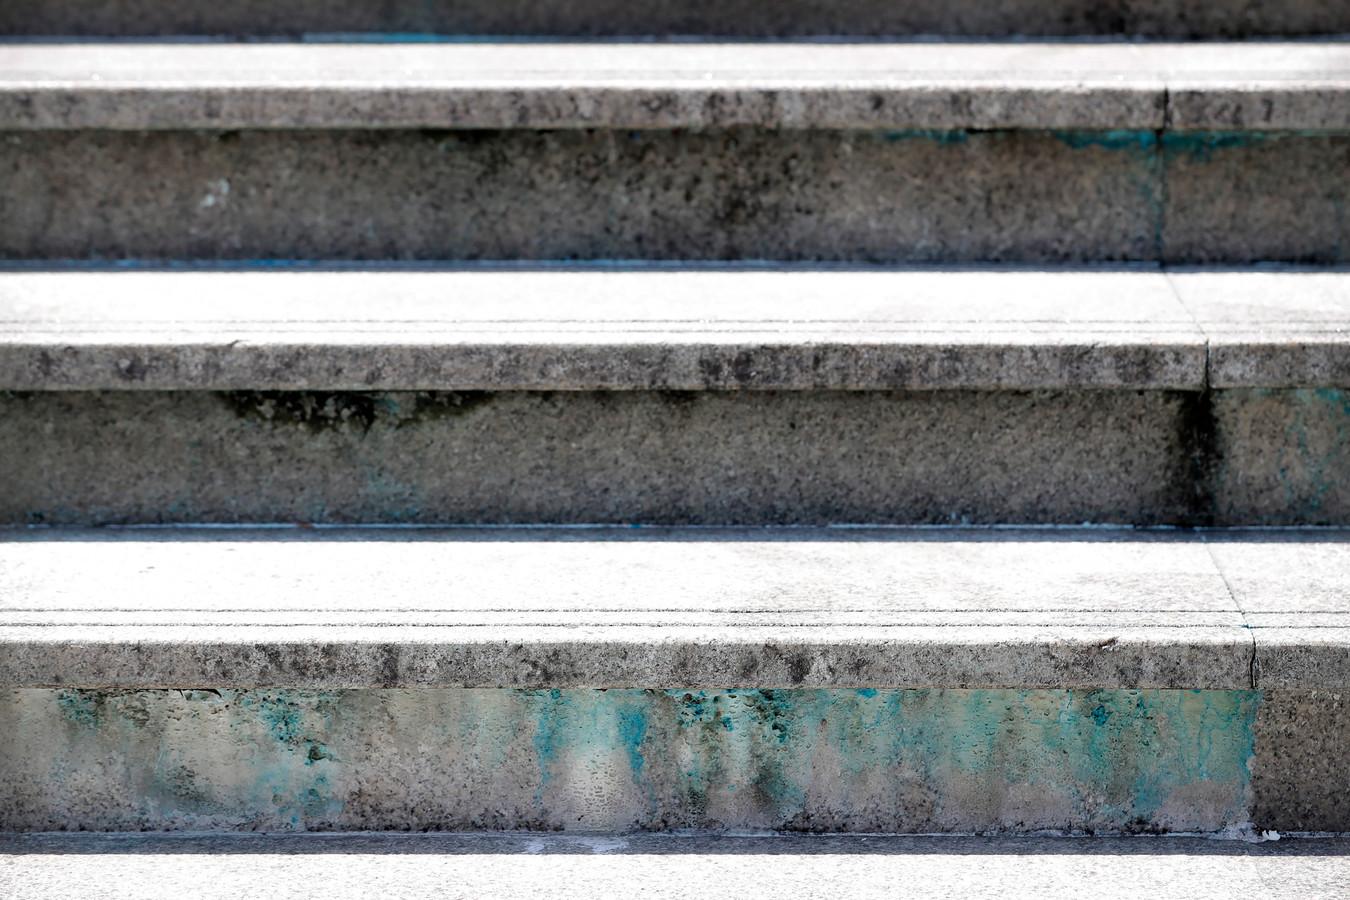 Vlekken van de blauwe verf op de trappen van de moskee.